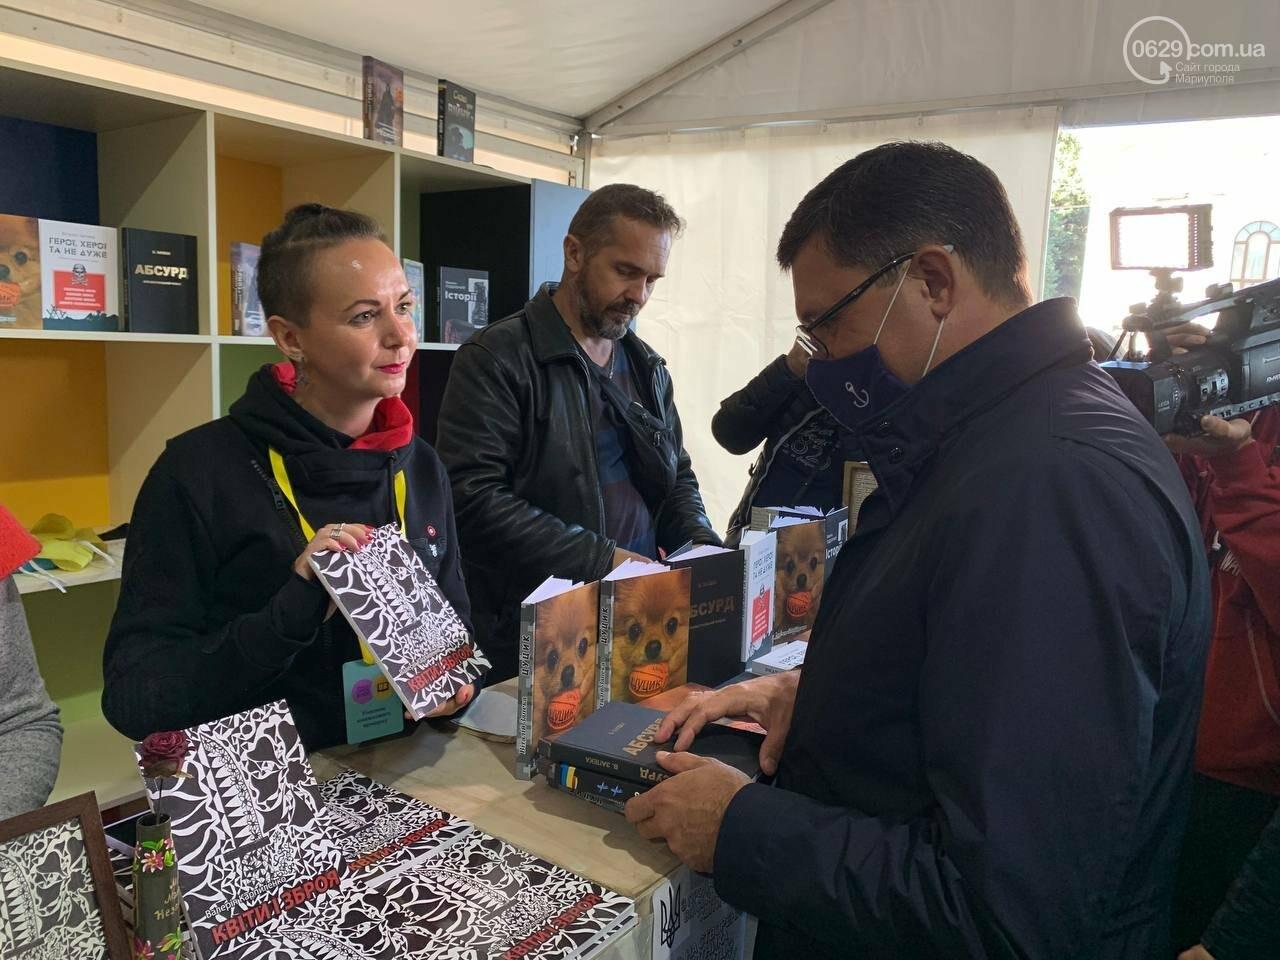 Книжковий бум у Маріуполі! Що на ярмарку купив мер, - ФОТОРЕПОРТАЖ, фото-2